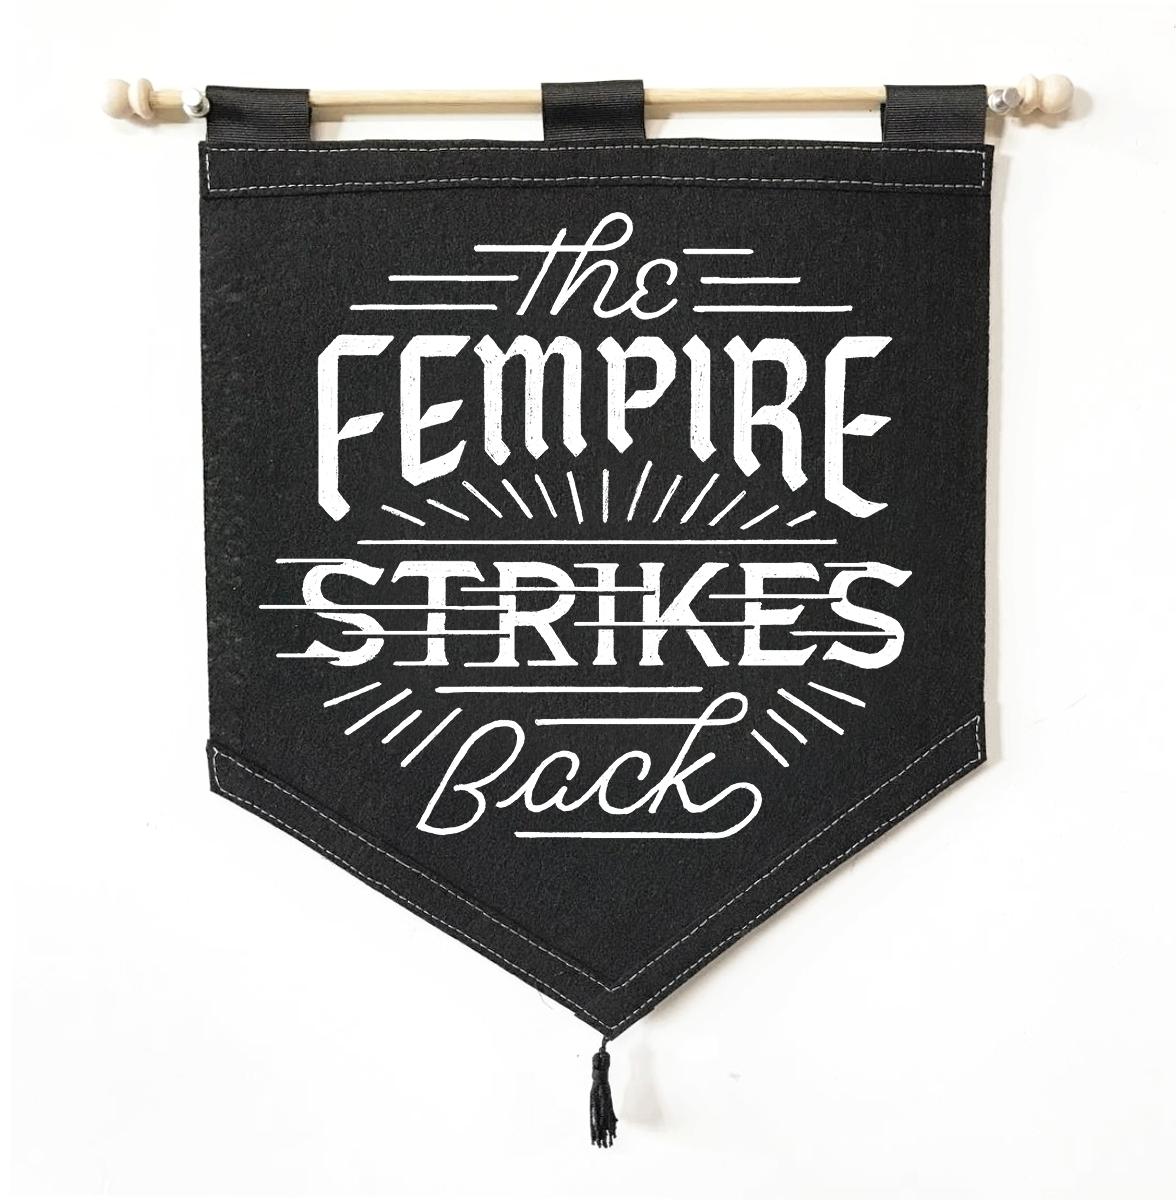 fempire_banner.jpg